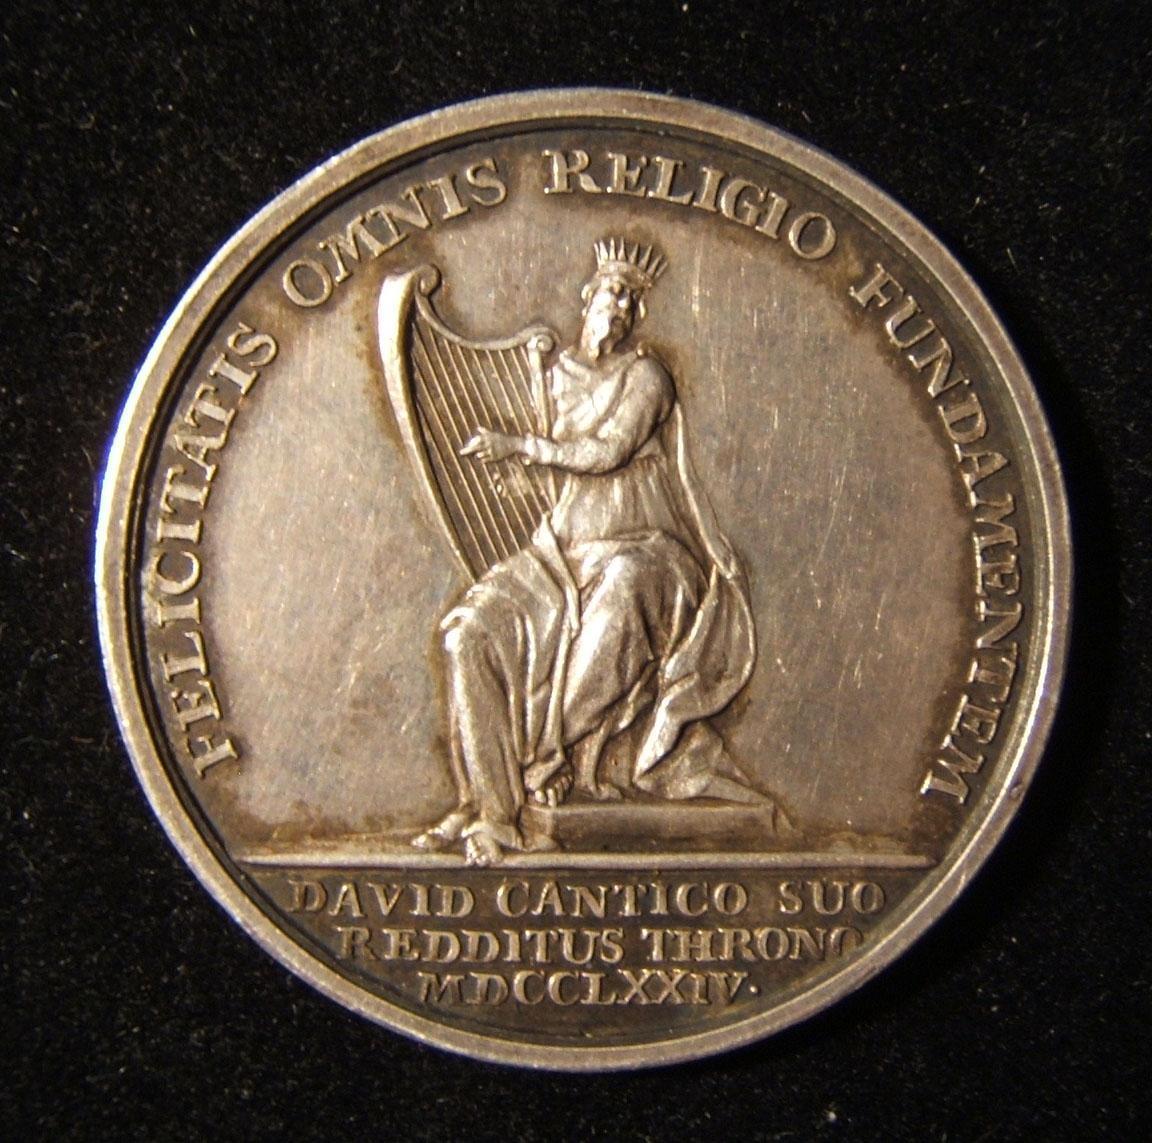 Niederlande/Habsburger Reich: religiös-politische Silbermedaille 1774, von Joannes Vitus Meijer (nicht markiert); Größe: 32,75 mm; Gewicht: 11,3 g. Vorderseite: König David m. Leie